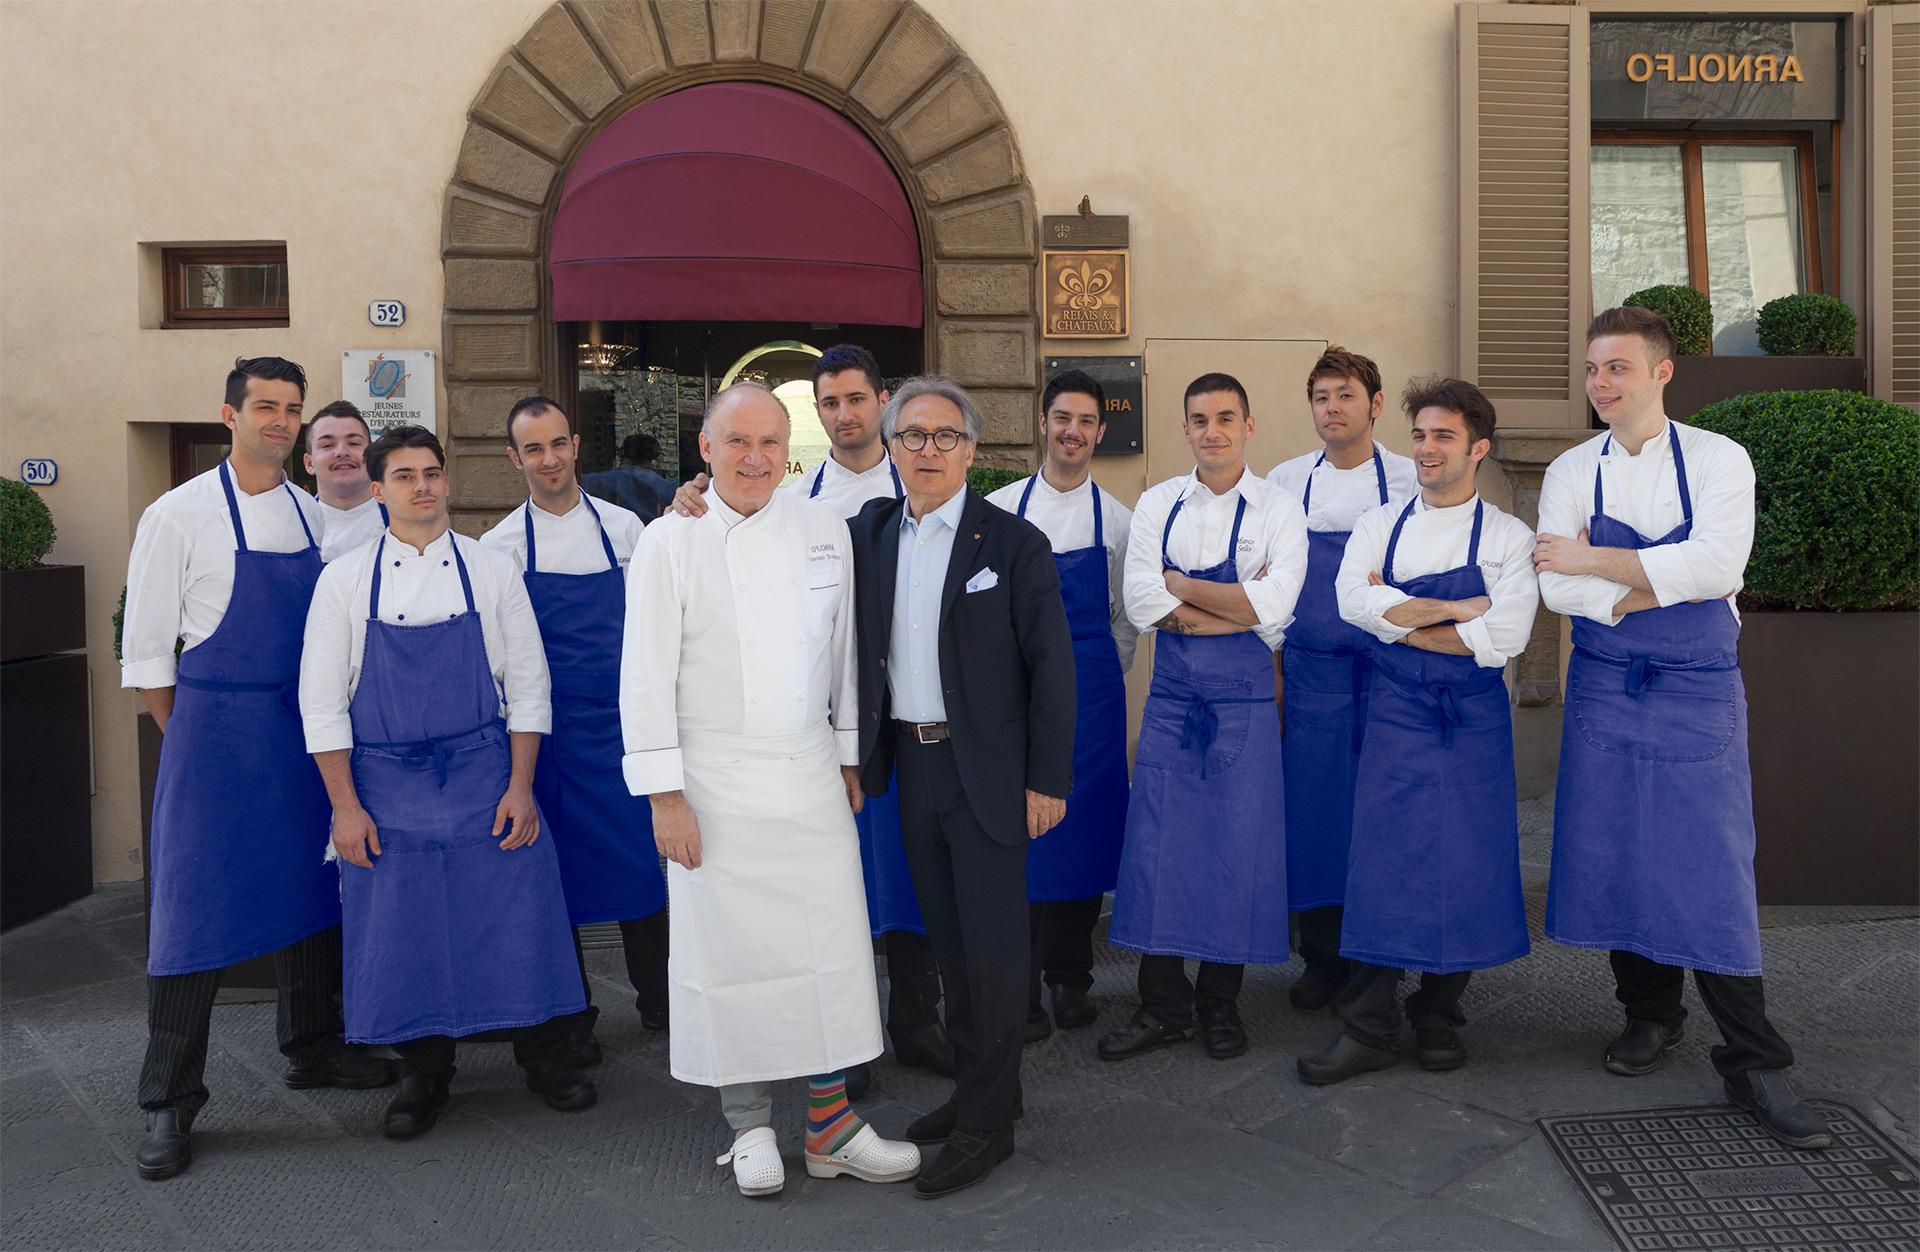 gaetano-giovanni-trovato_staff-arnolfo-ristorante